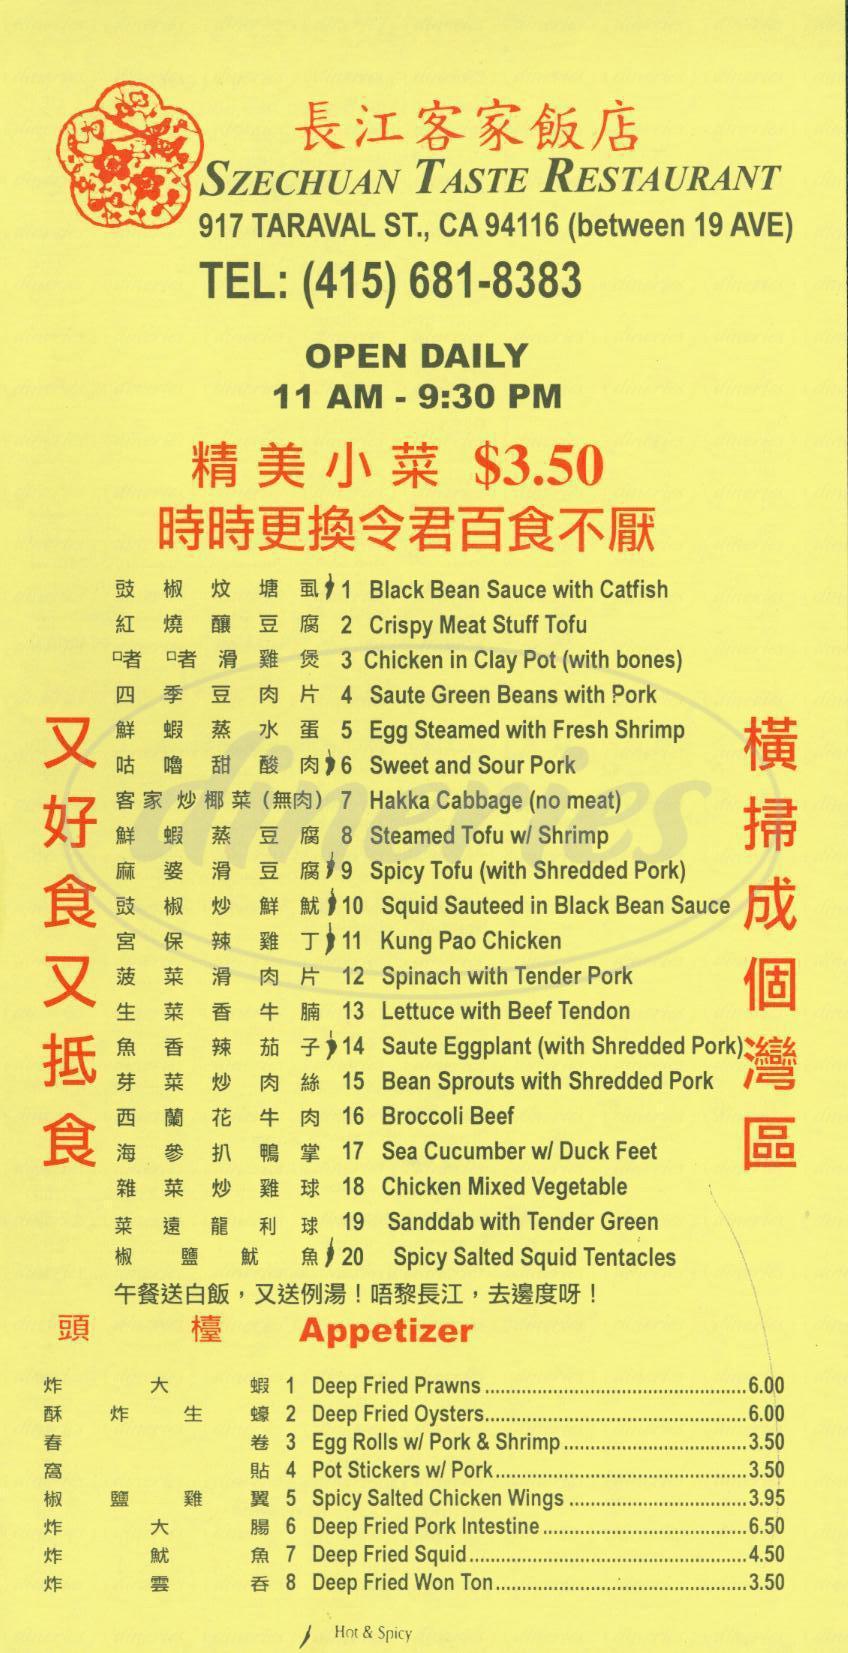 menu for Szechuan Taste